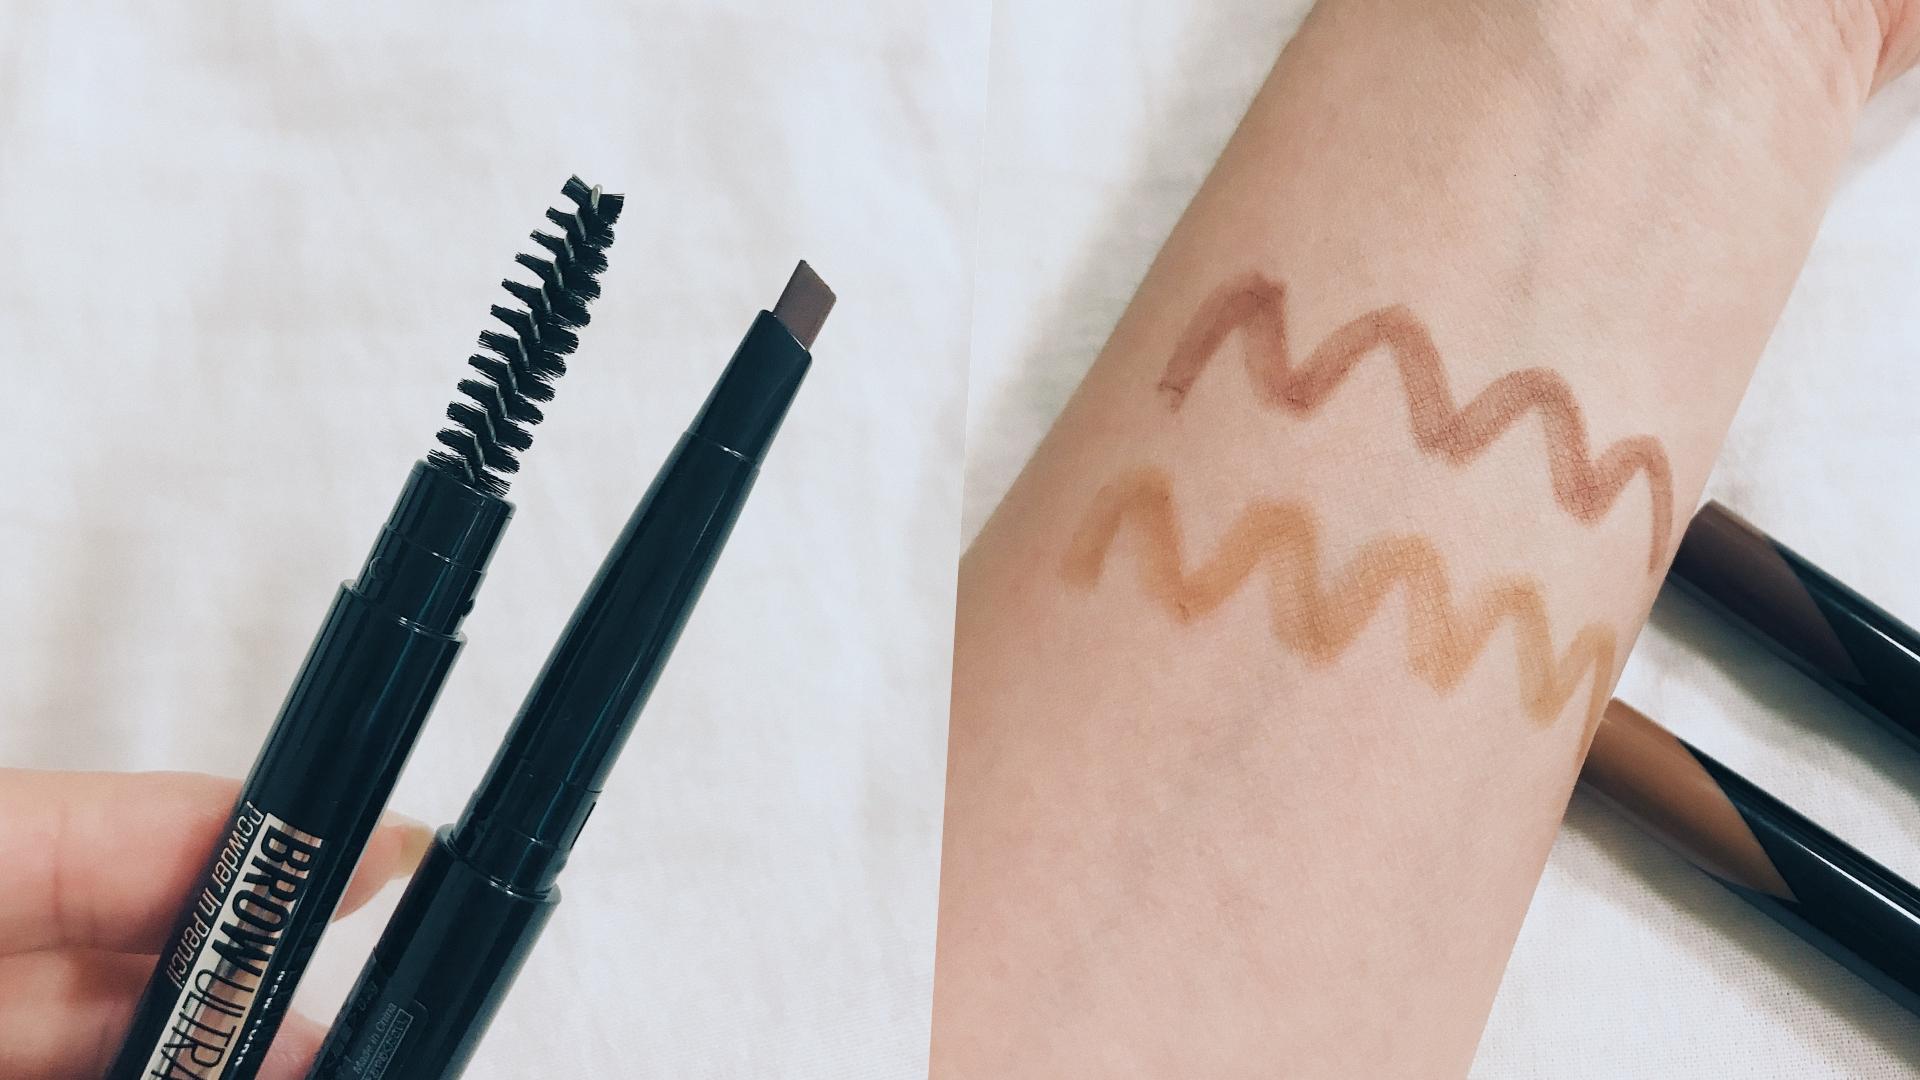 擁有眉膠質地、柔軟筆芯輕鬆掌握眉色濃淡,,不僅顯色度滿分,持久度更是爆表!